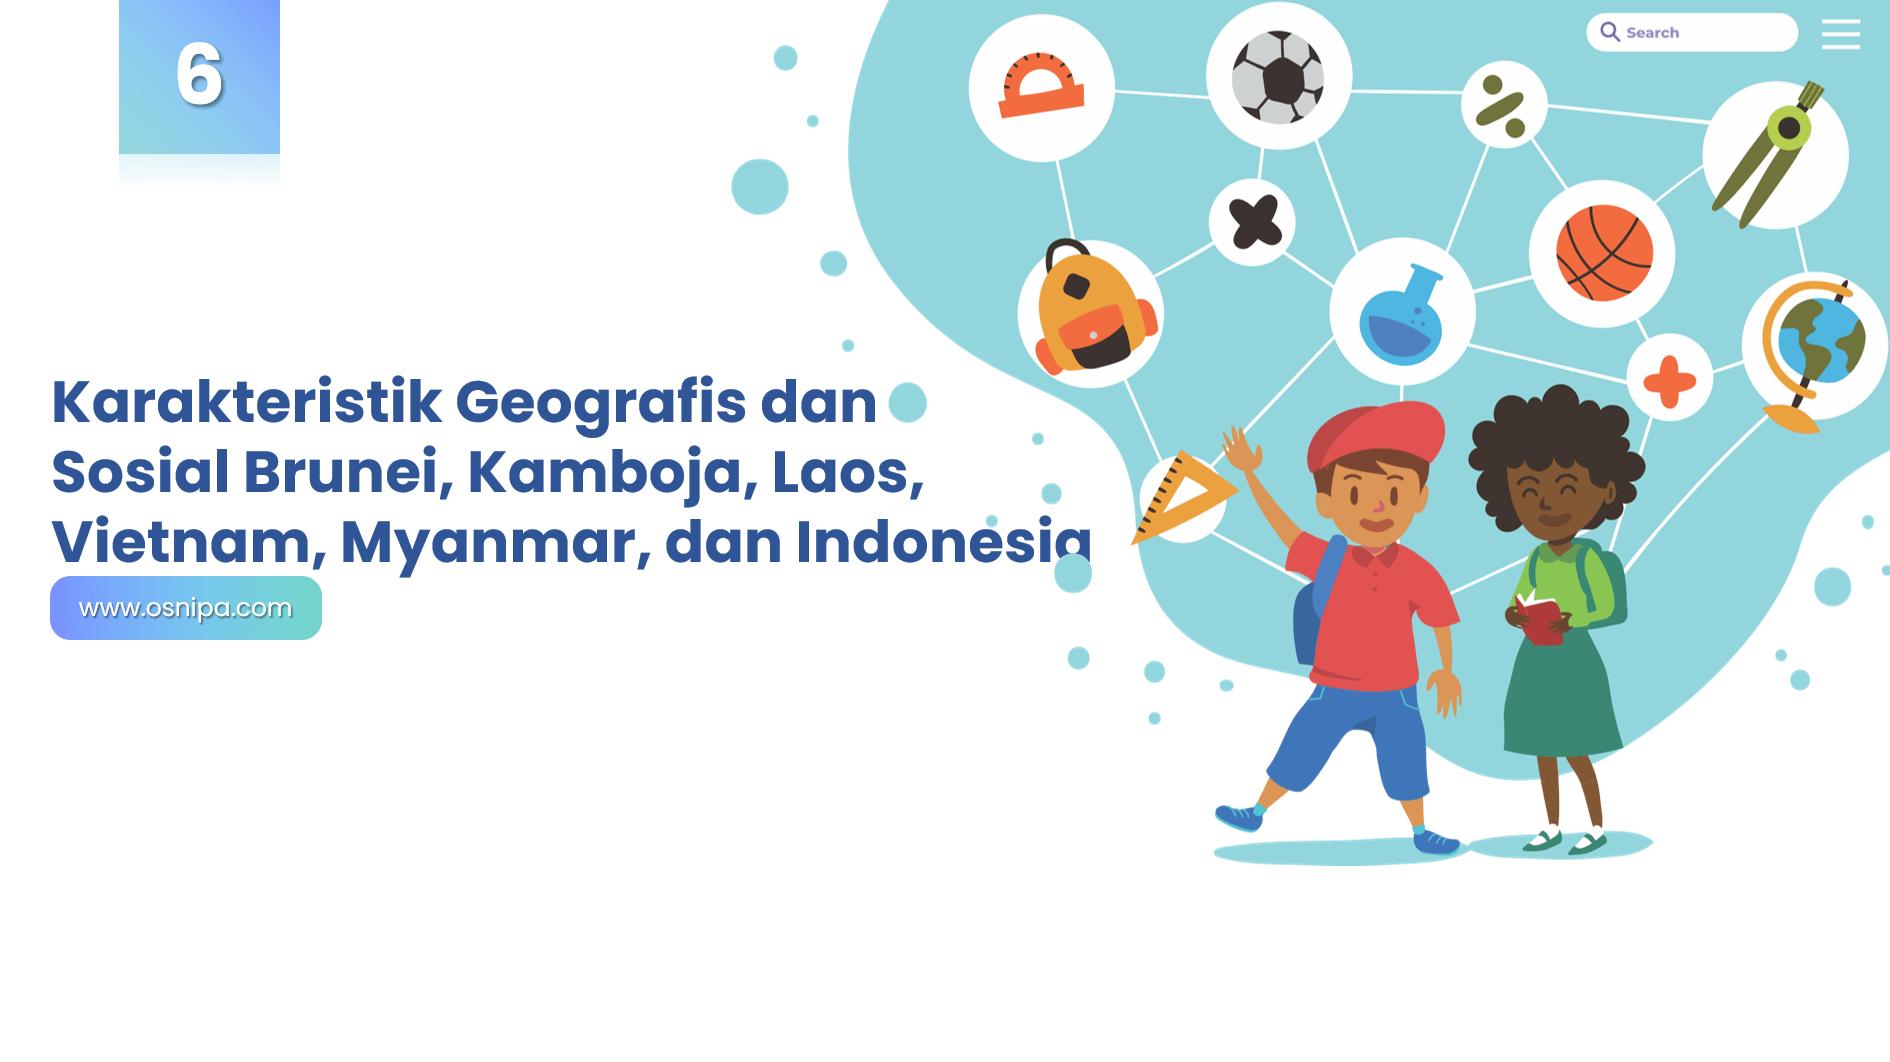 Karakteristik Geografis dan Sosial Brunei, Kamboja, Laos, Vietnam, Myanmar, dan Indonesia